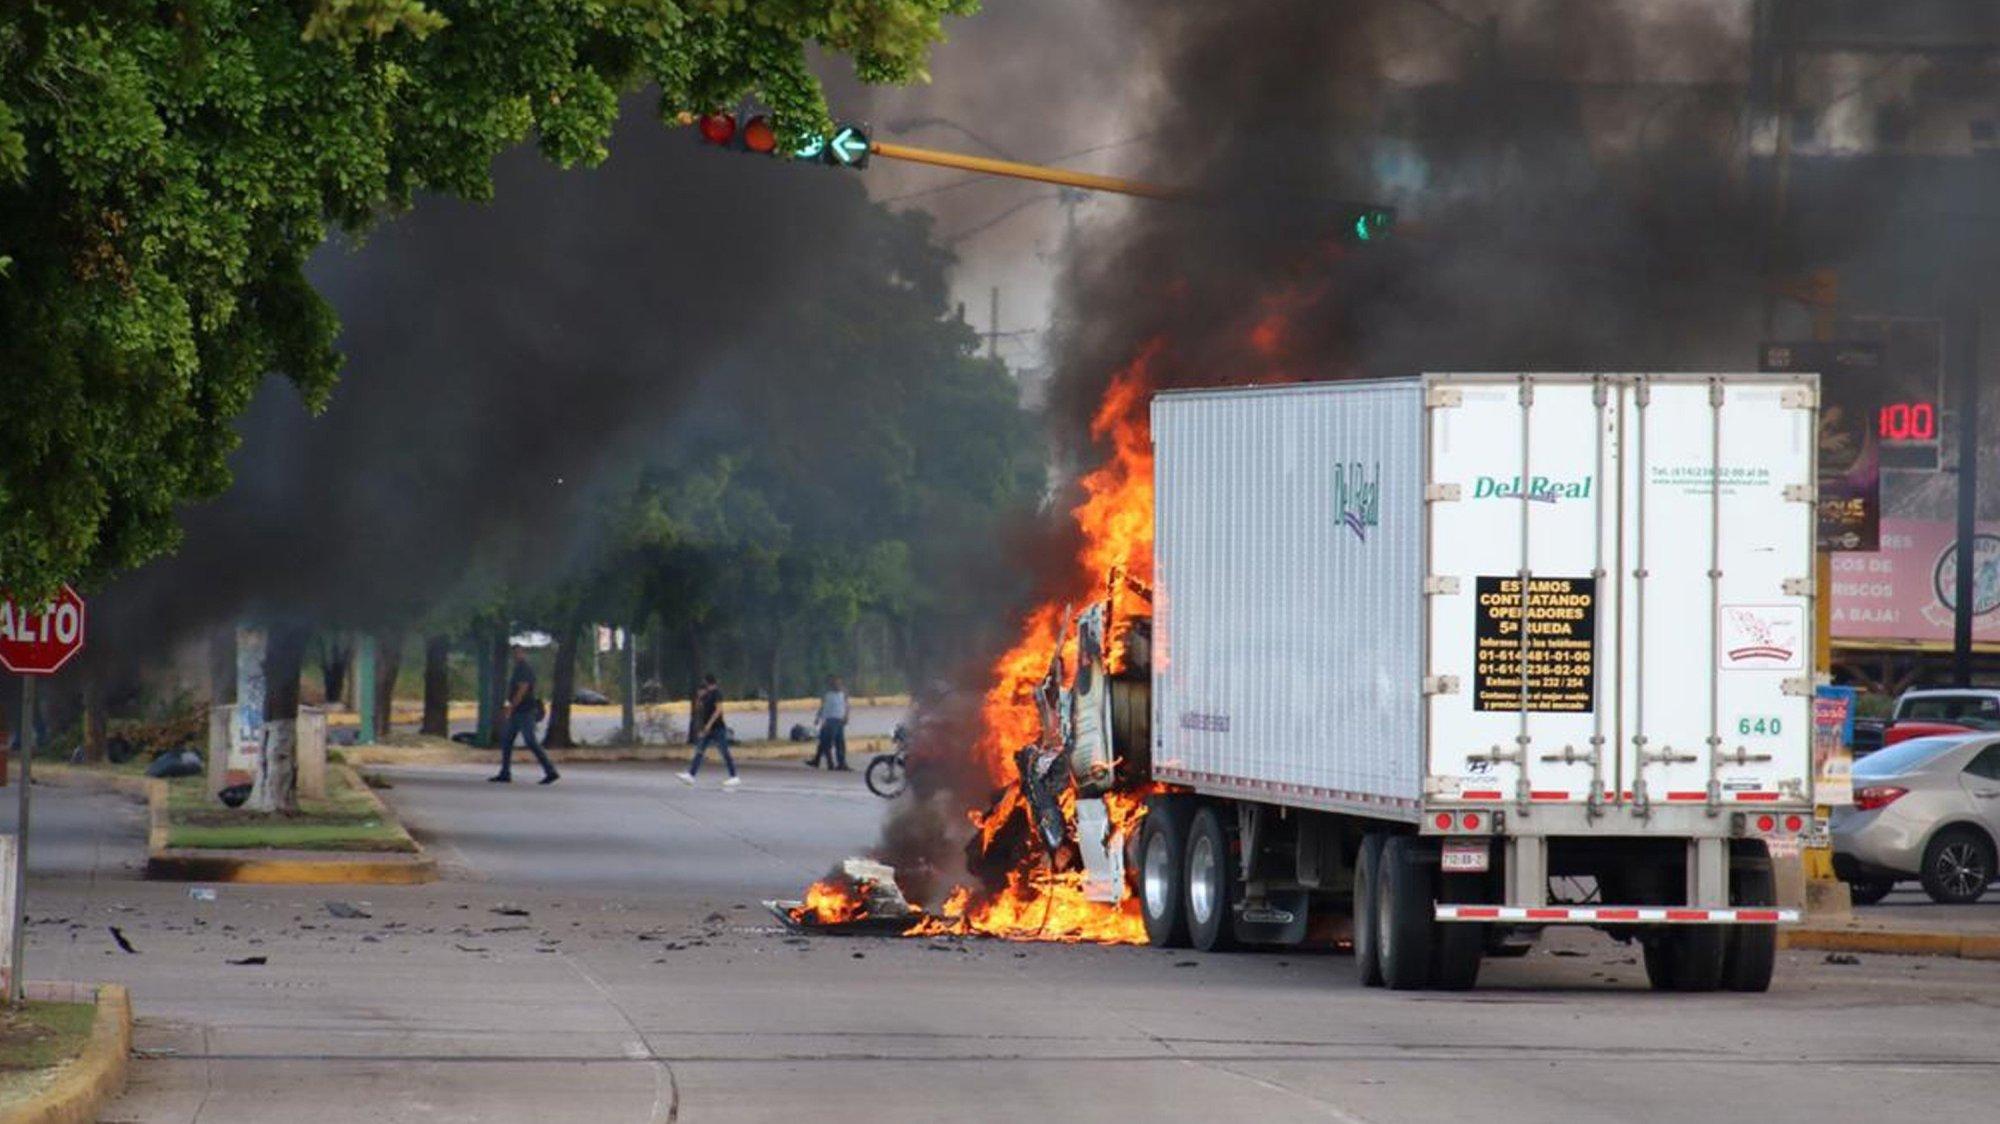 A truck burns in a Culiacan street during Thursday's battle.